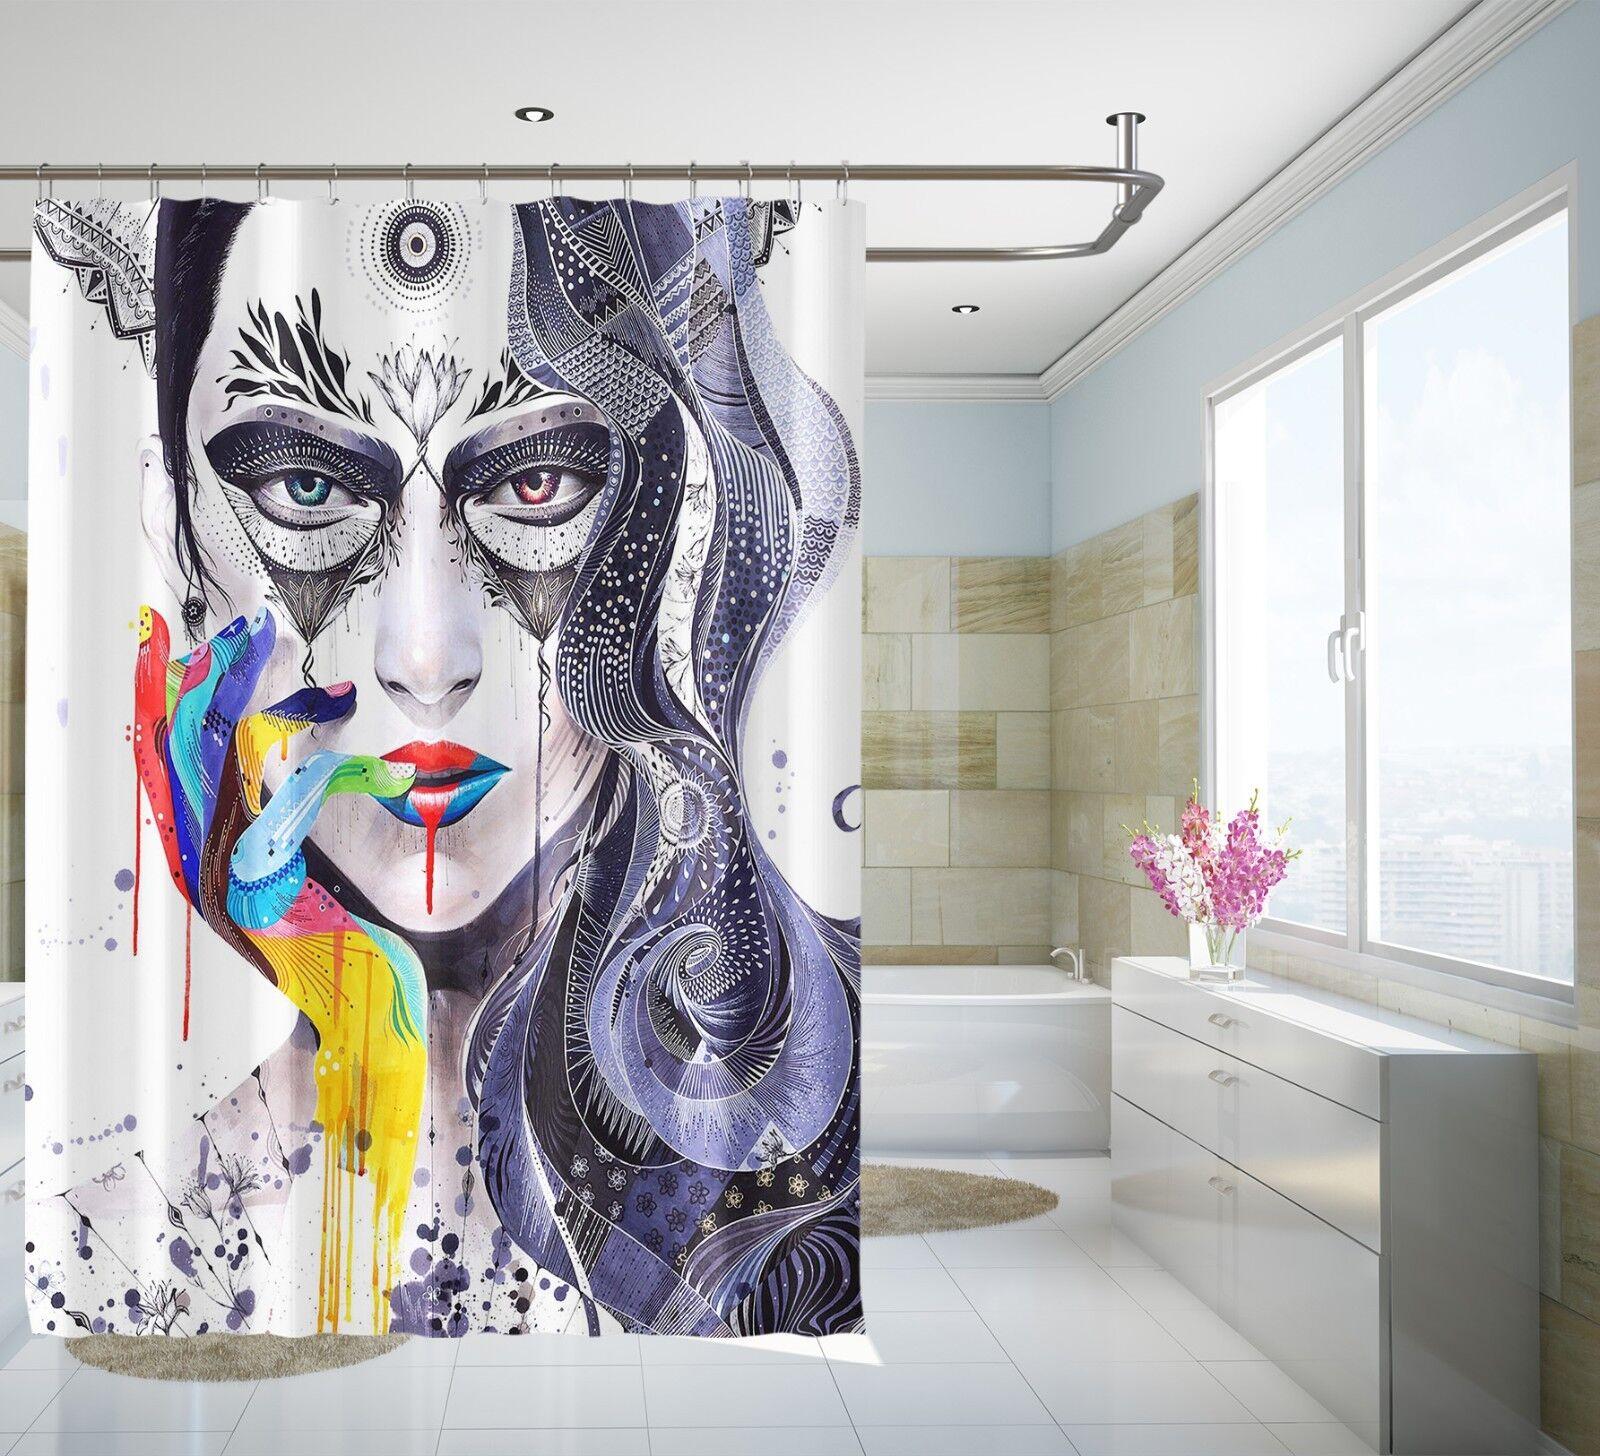 3D Graffiti Fille 27 Rideau de Douche Imperméable Fibre Salle de Bain Home Windows Toilette